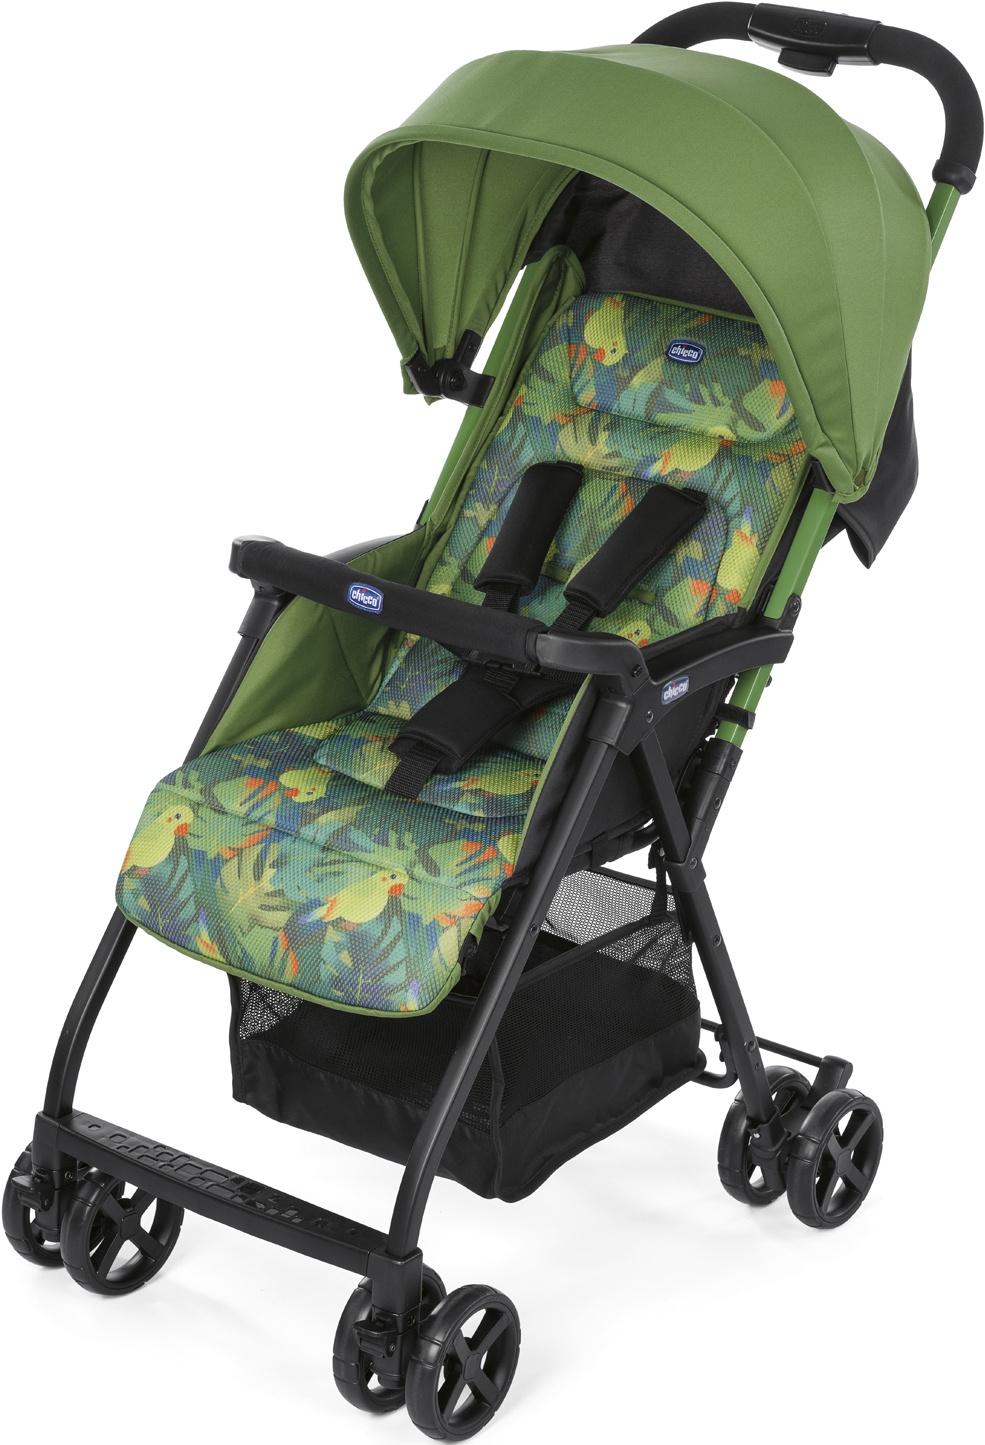 Прогулочная коляска Chicco Ohlala 2, Tropical Jungle прогулочная коляска chicco ohlala tropical jungle